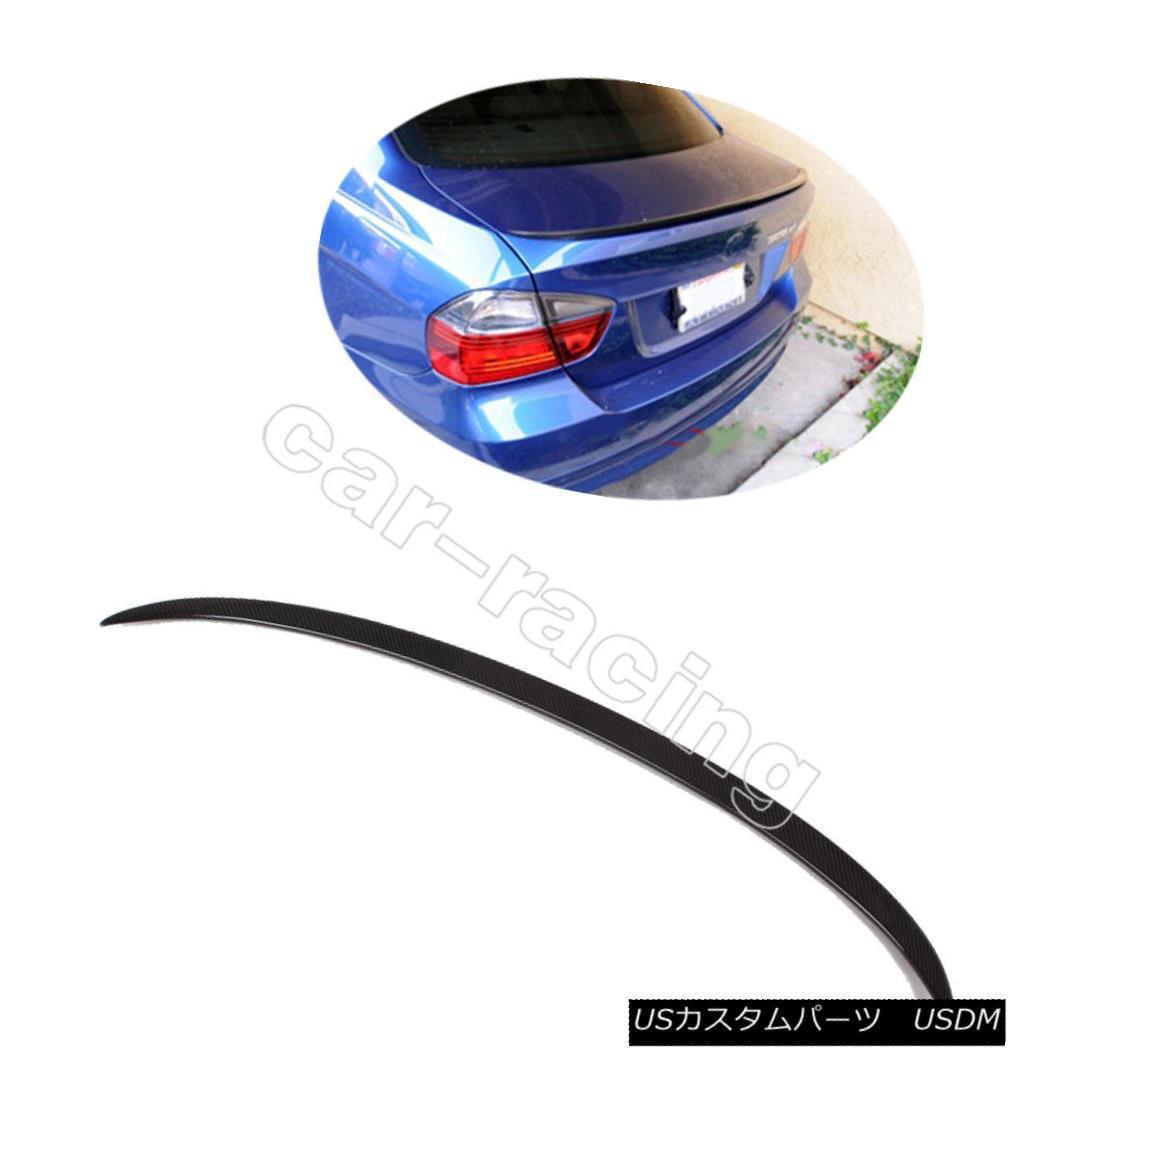 エアロパーツ Carbon Rear Trunk Spoiler Tail Boot Lip Wing Fit For BMW 3Series E90 Sedan 05-11 BMW 3シリーズE90セダン用カーボンリアトランクスポイラーテールブーツリップウイング05-11